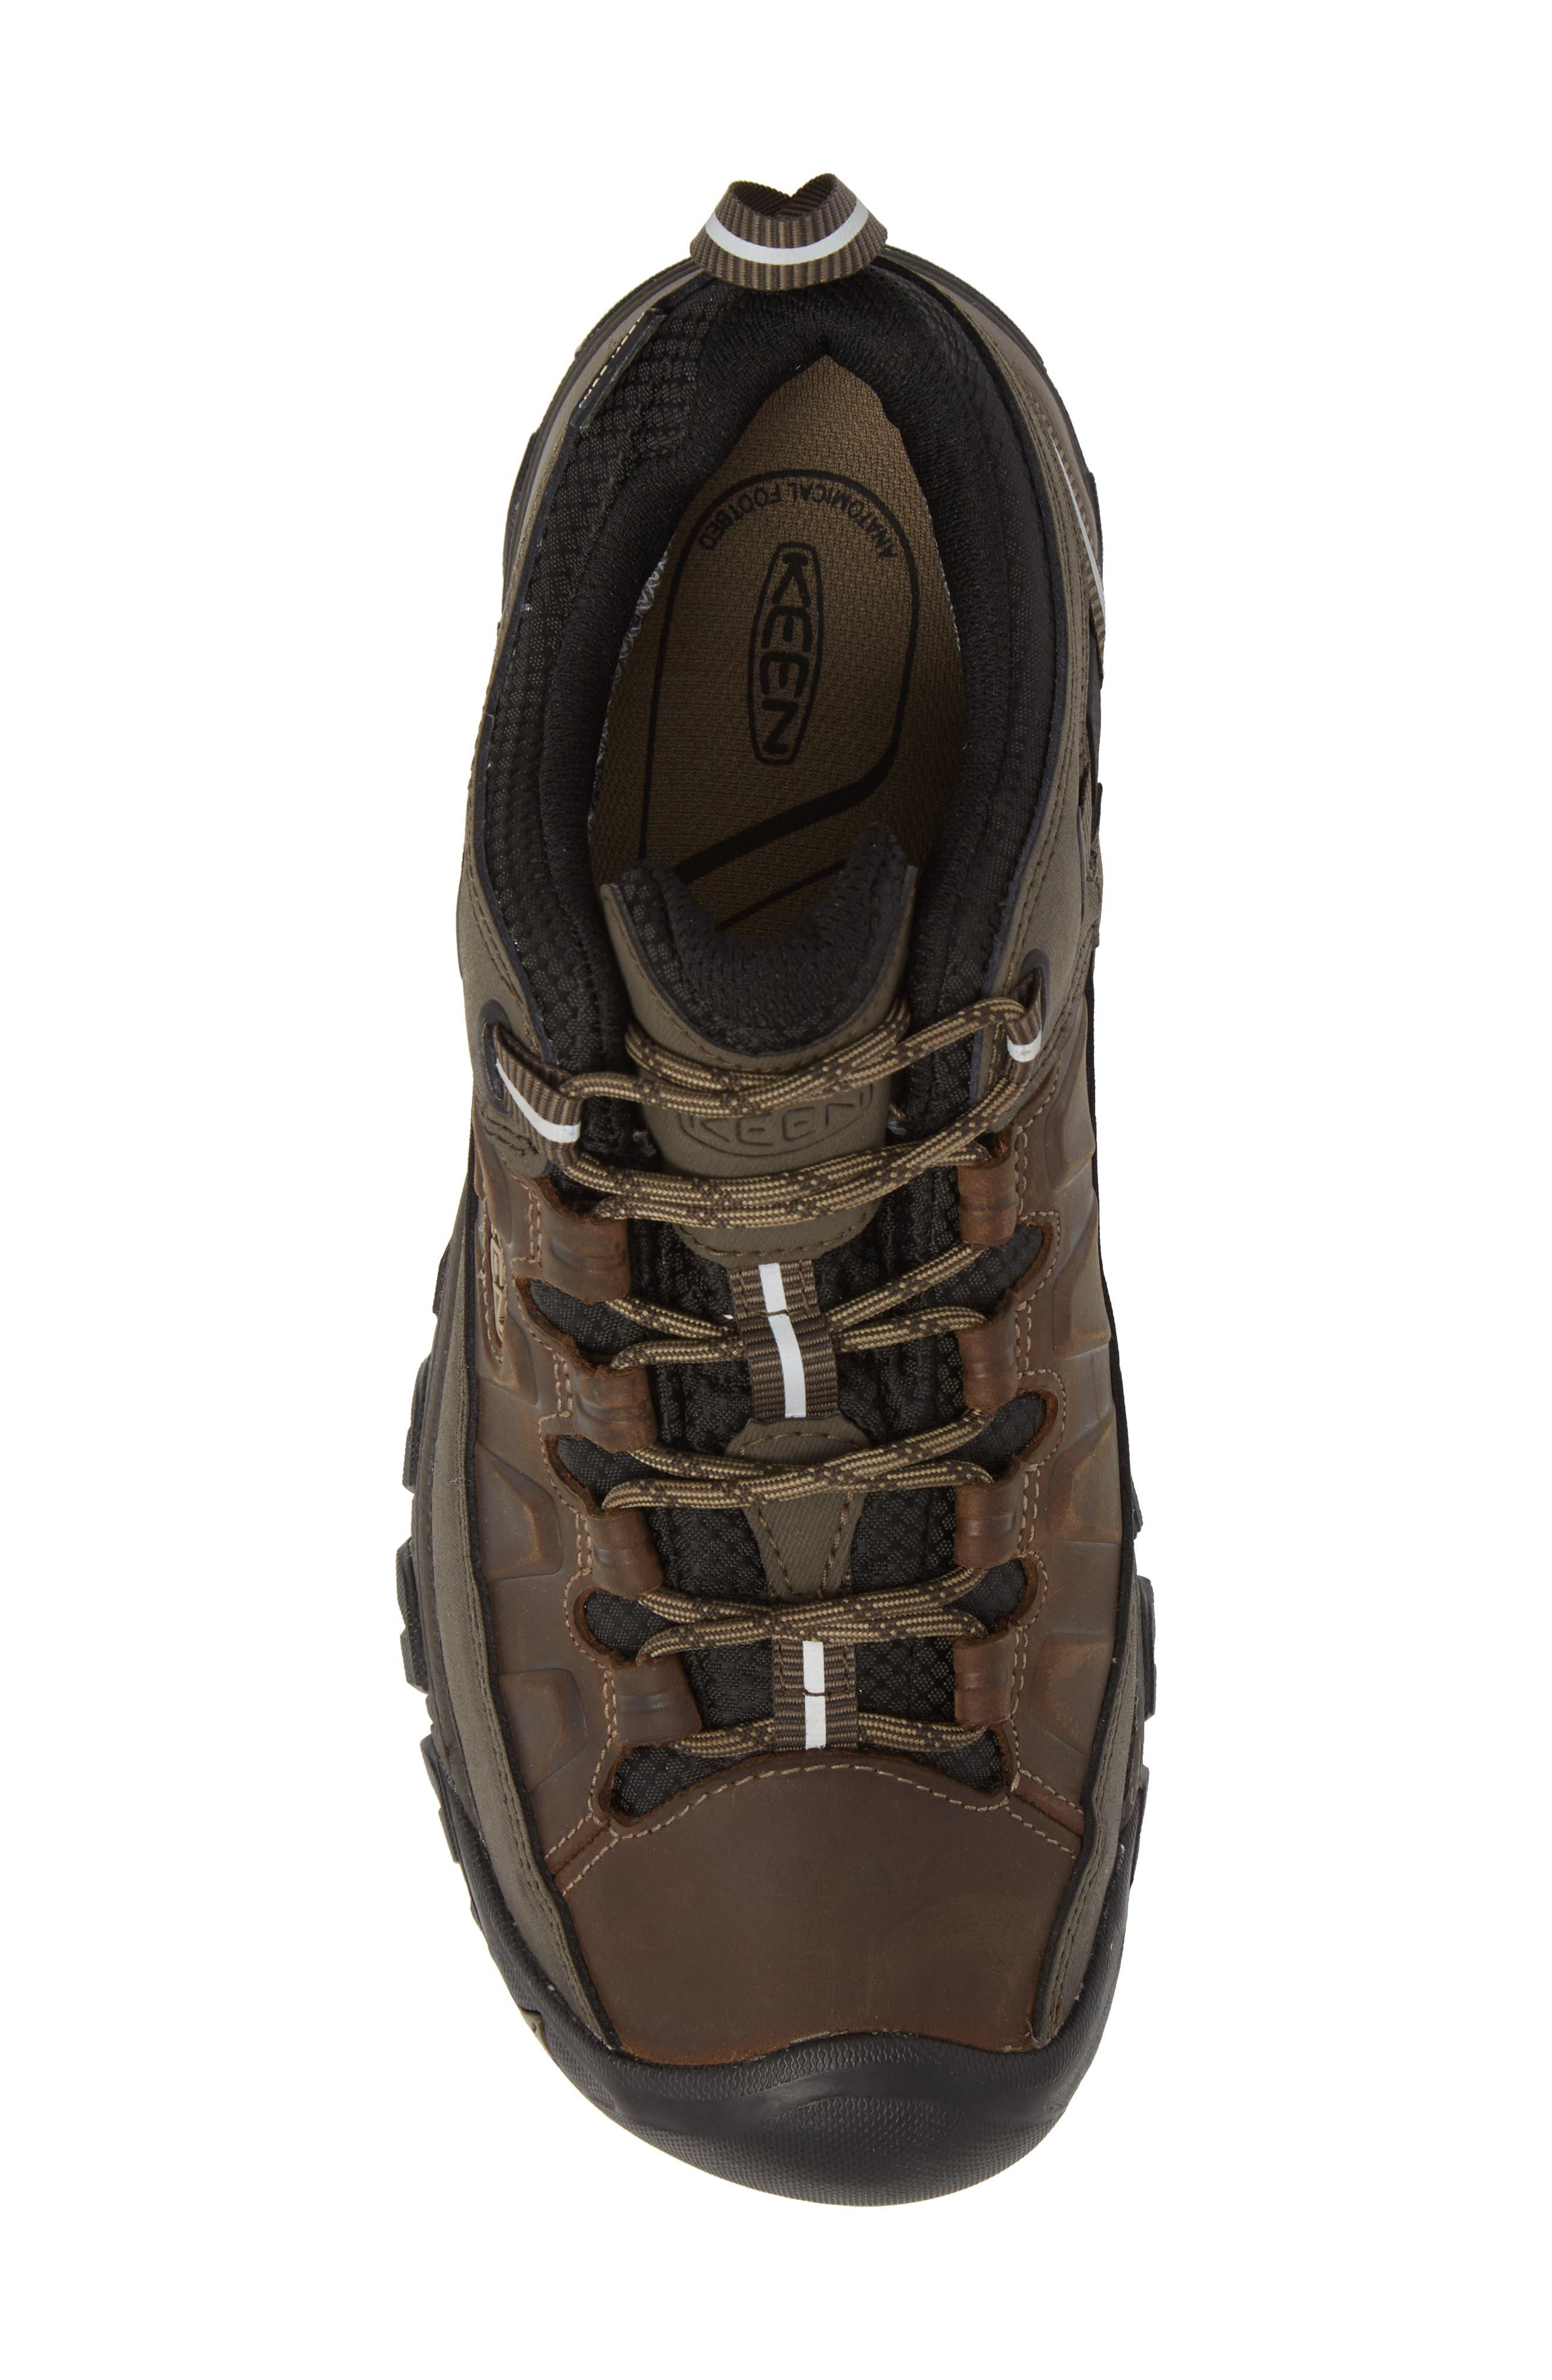 Targhee III Waterproof Hiking Shoe,                             Alternate thumbnail 5, color,                             Bungee Cord/Black